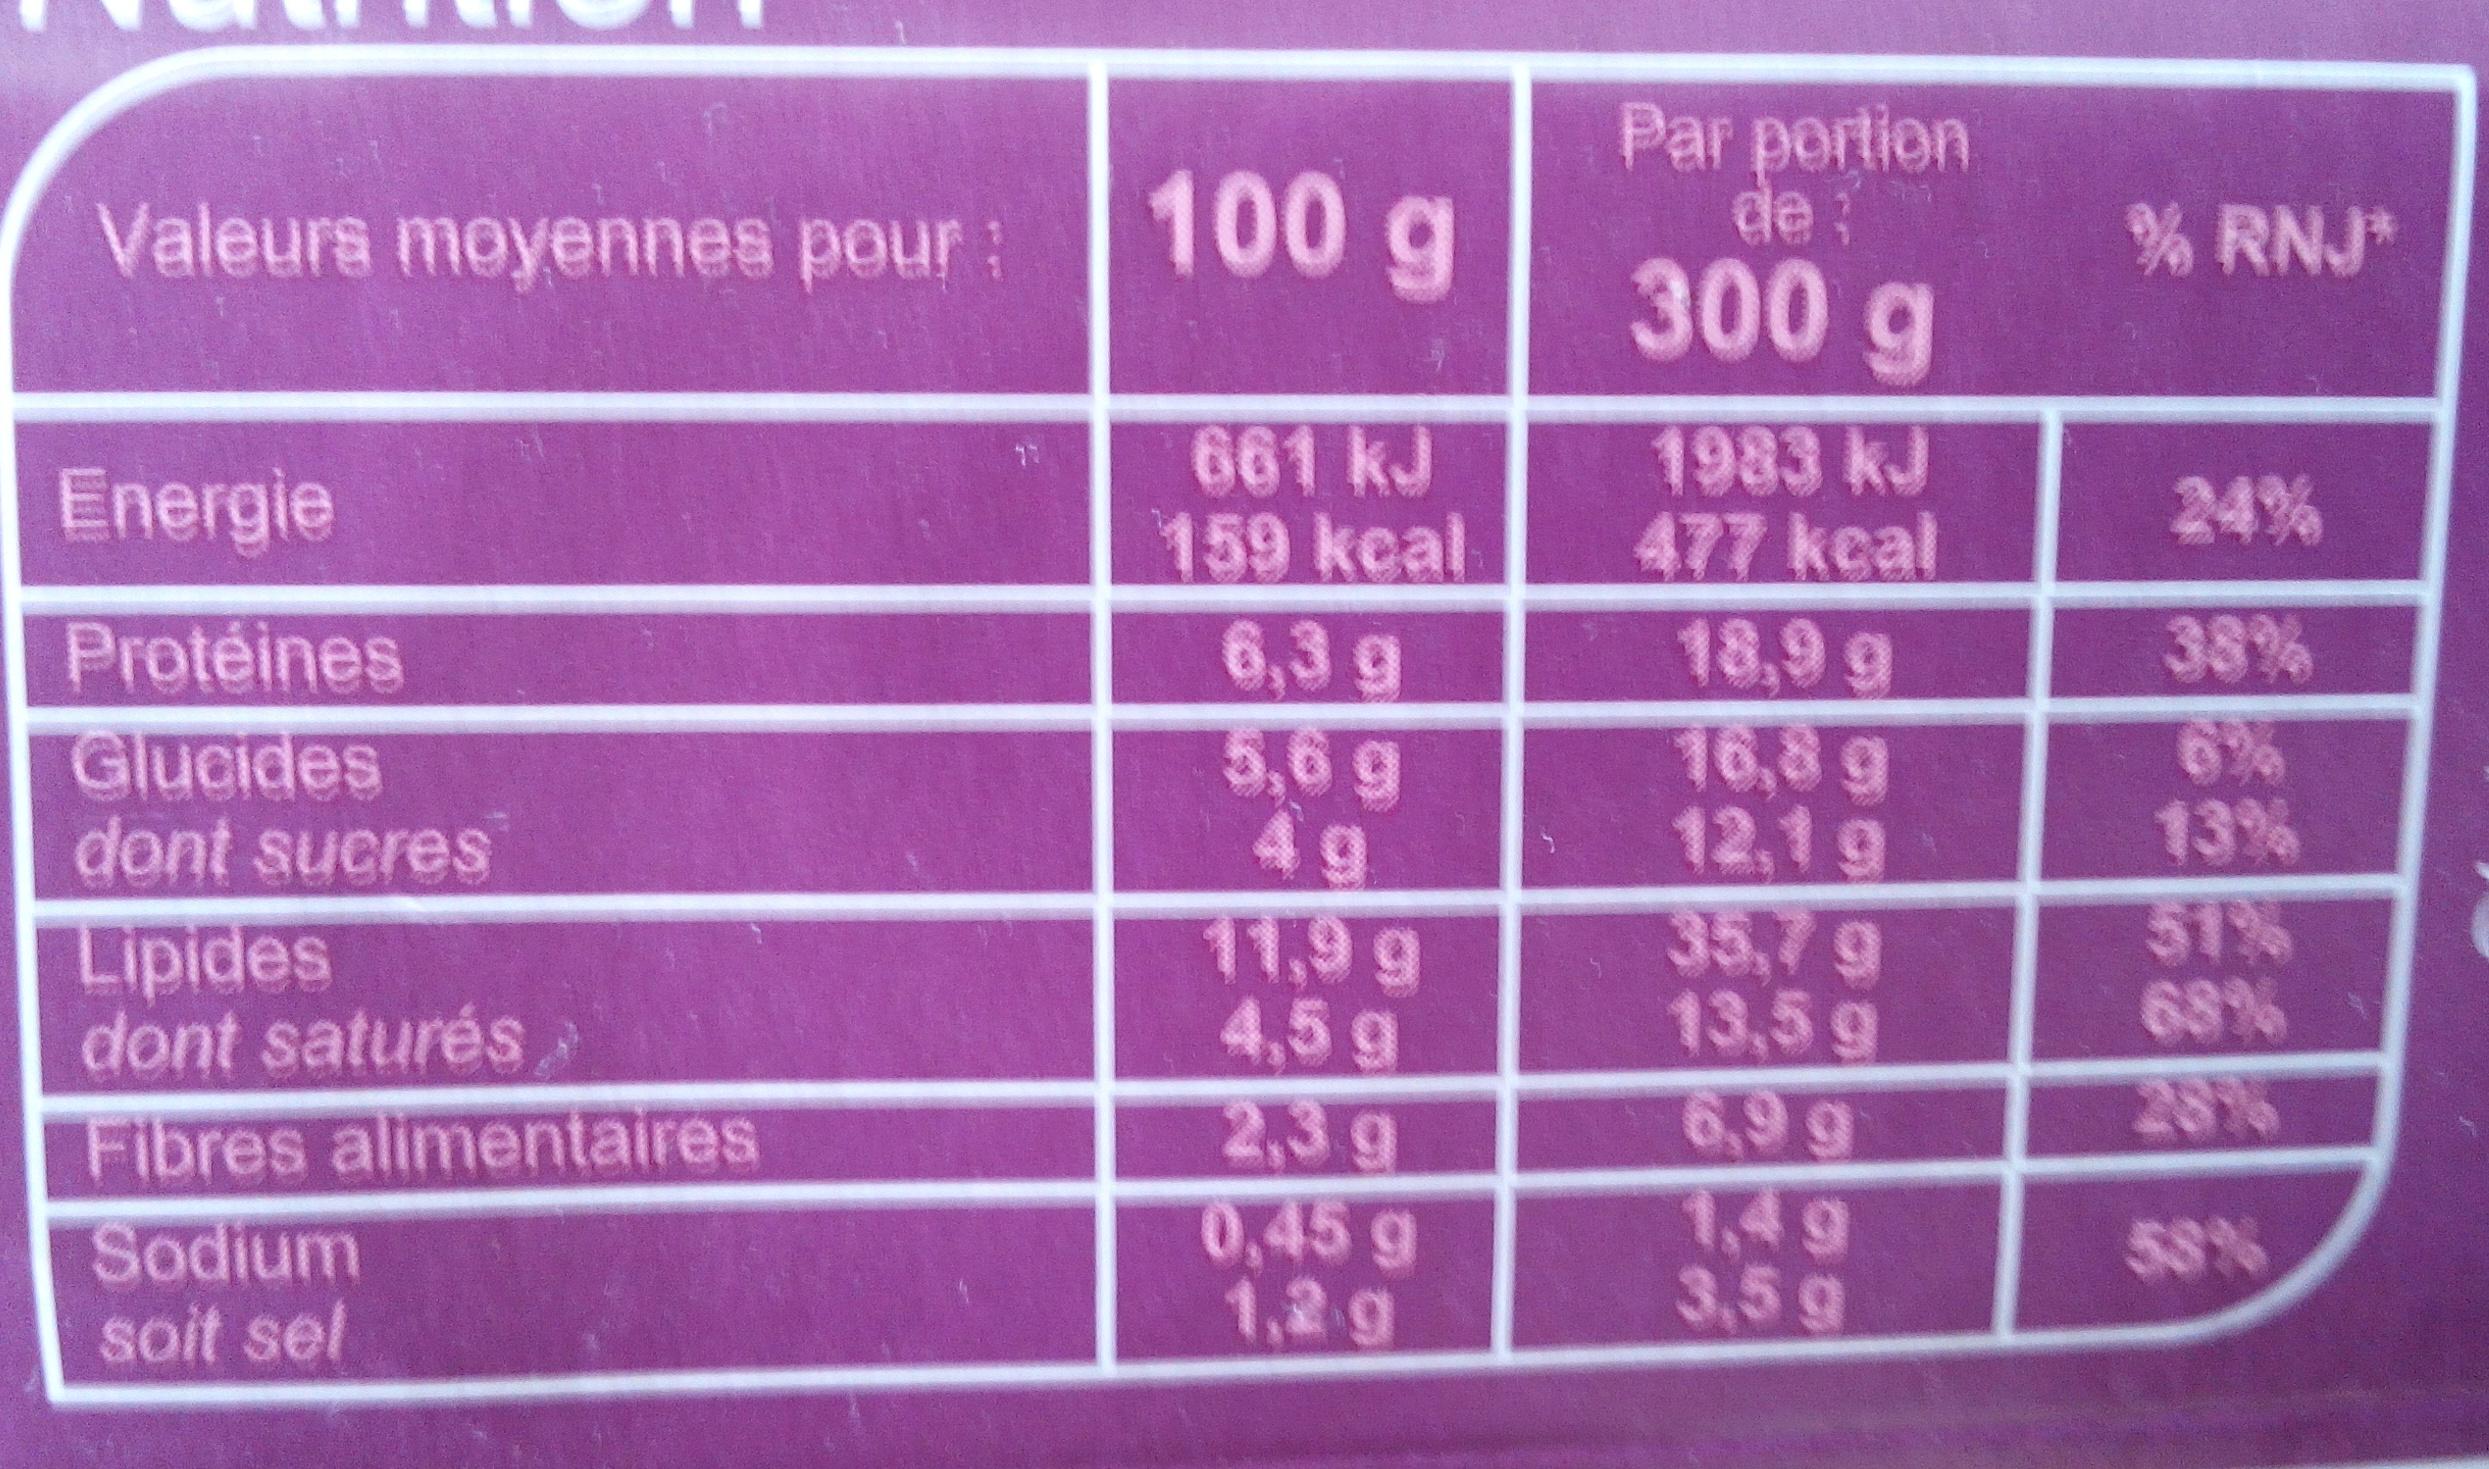 Moussaka au boeuf et à l'agneau - Informations nutritionnelles - fr